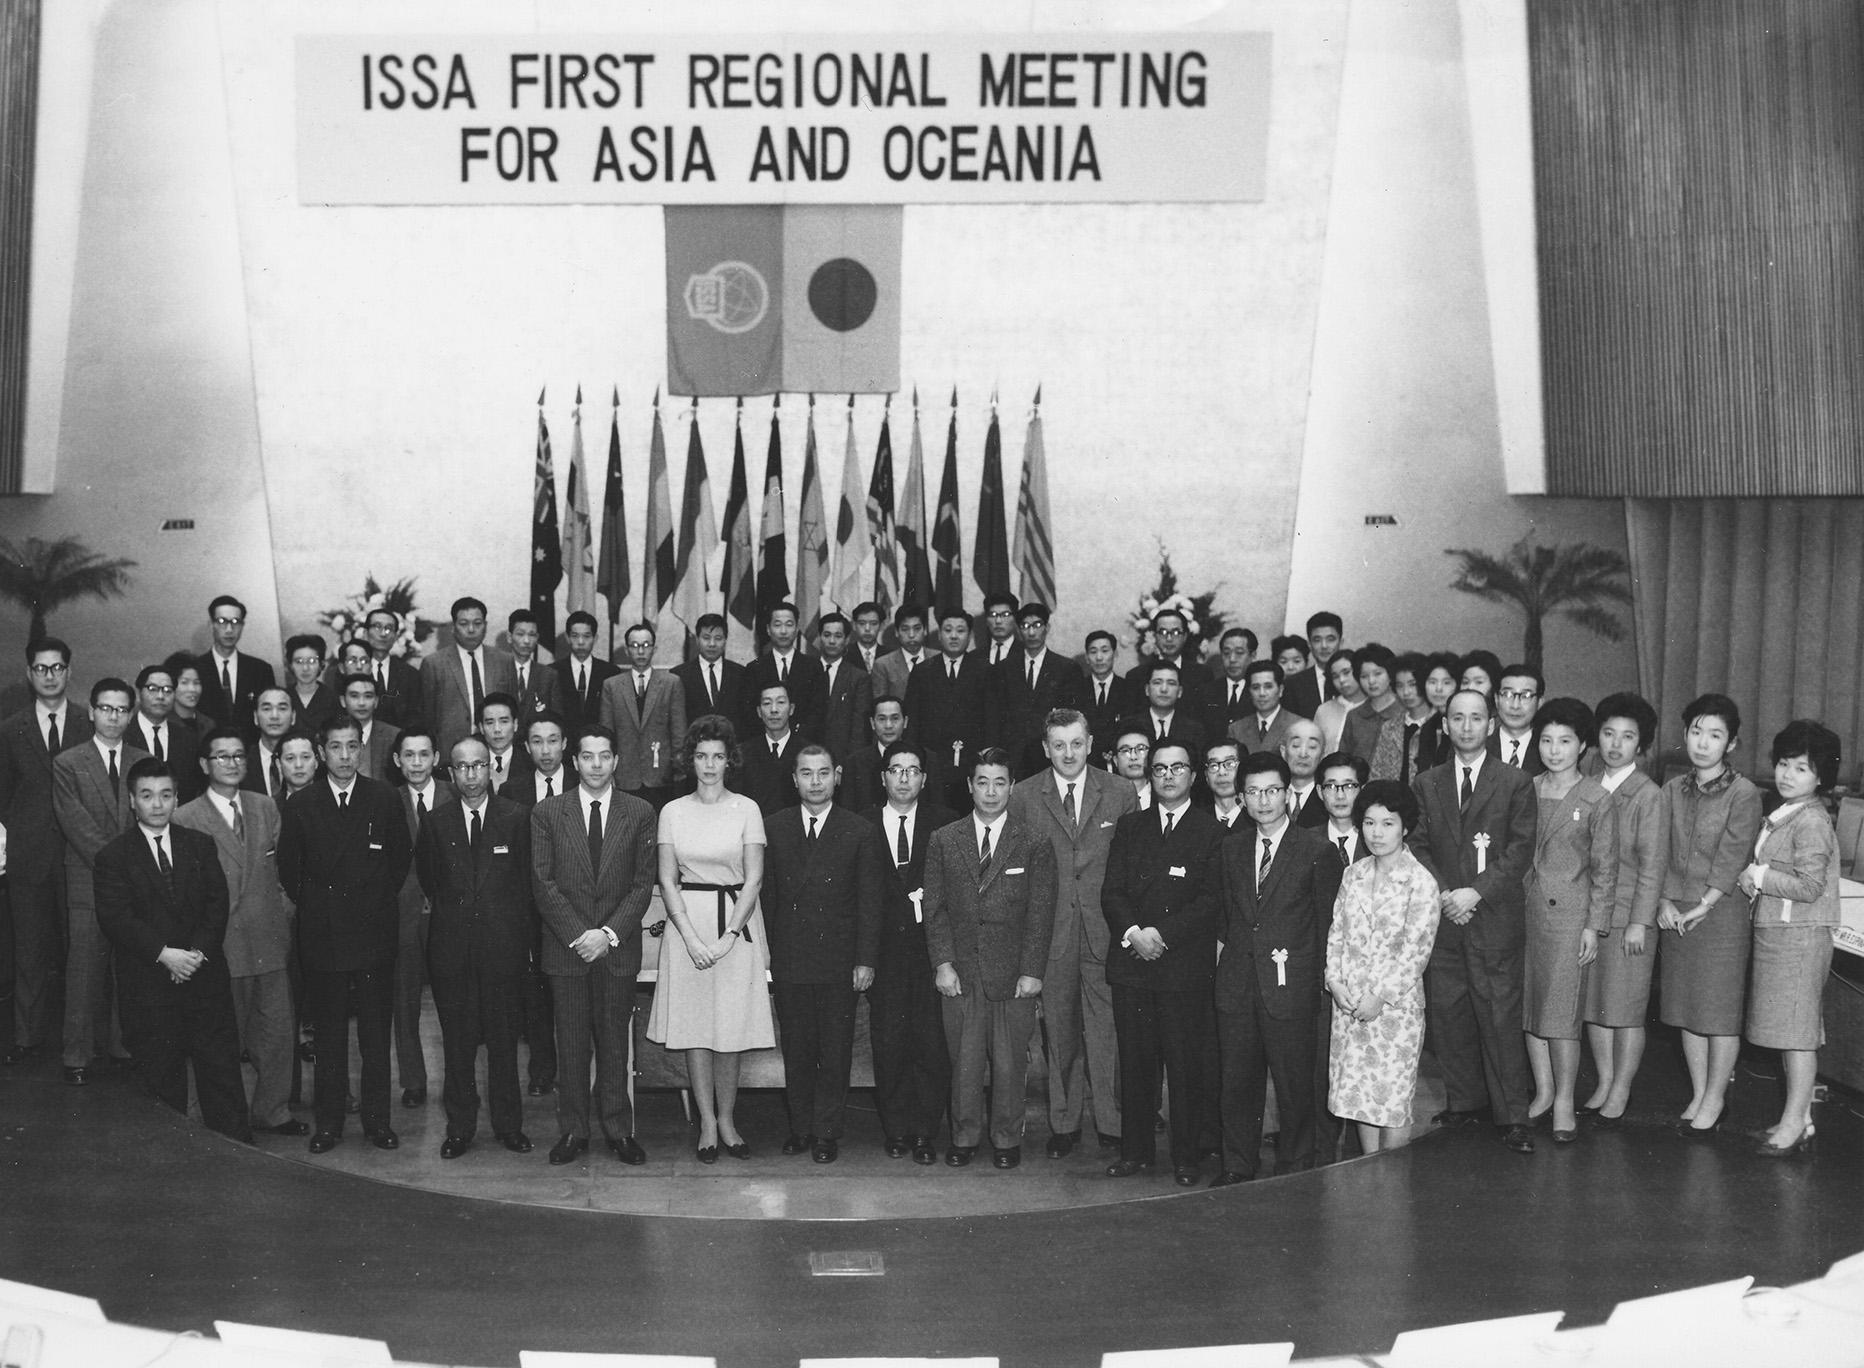 Primeira reunião regional para Ásia e Oceania, 1962